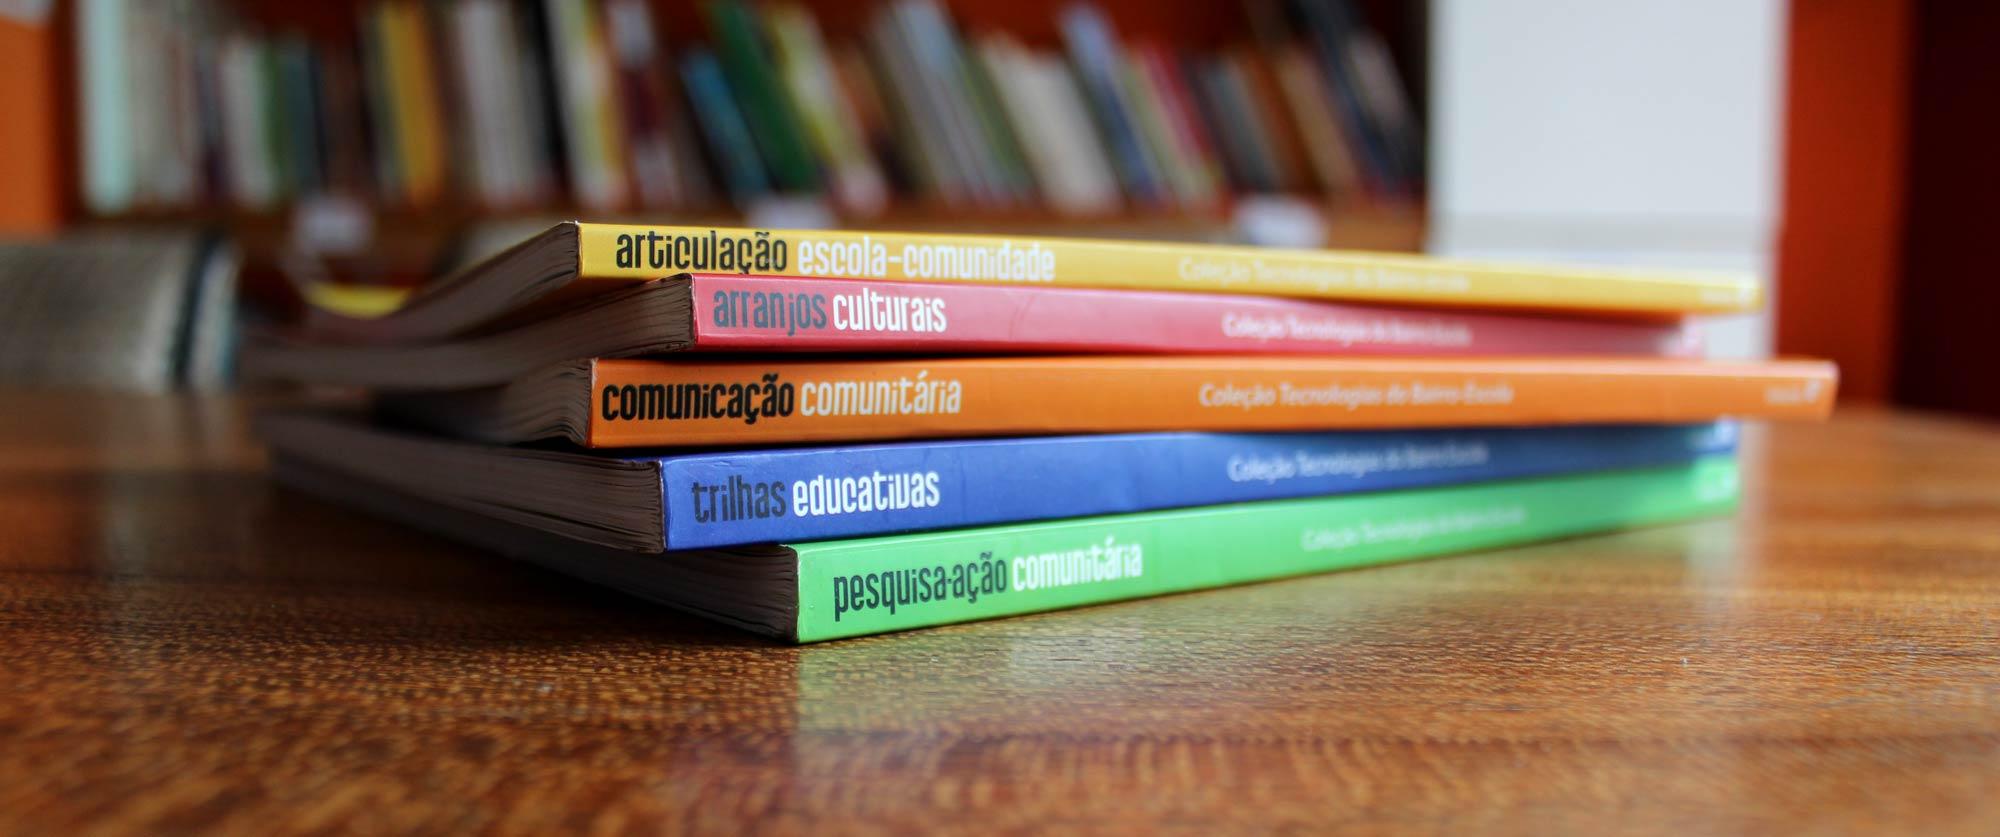 Coleção Tecnologias do Bairro-escola